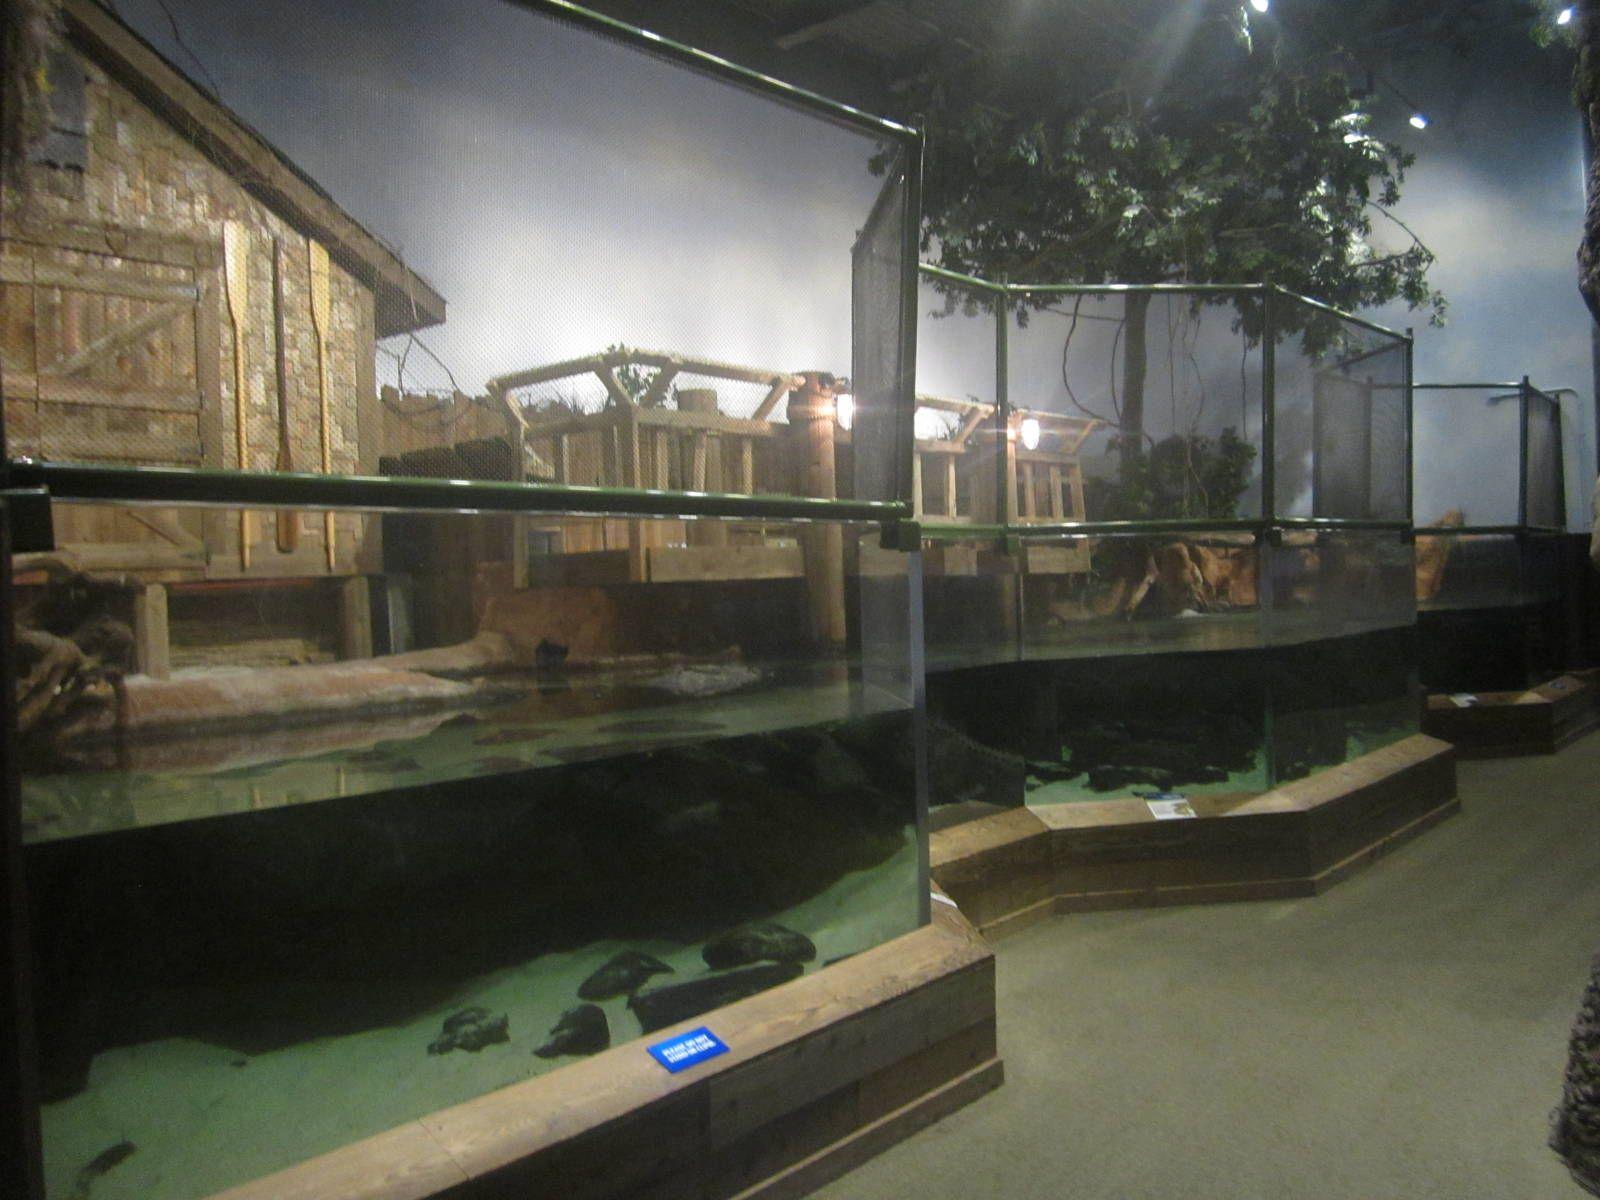 Indoor American Alligator Tank Vivarium Aquarium